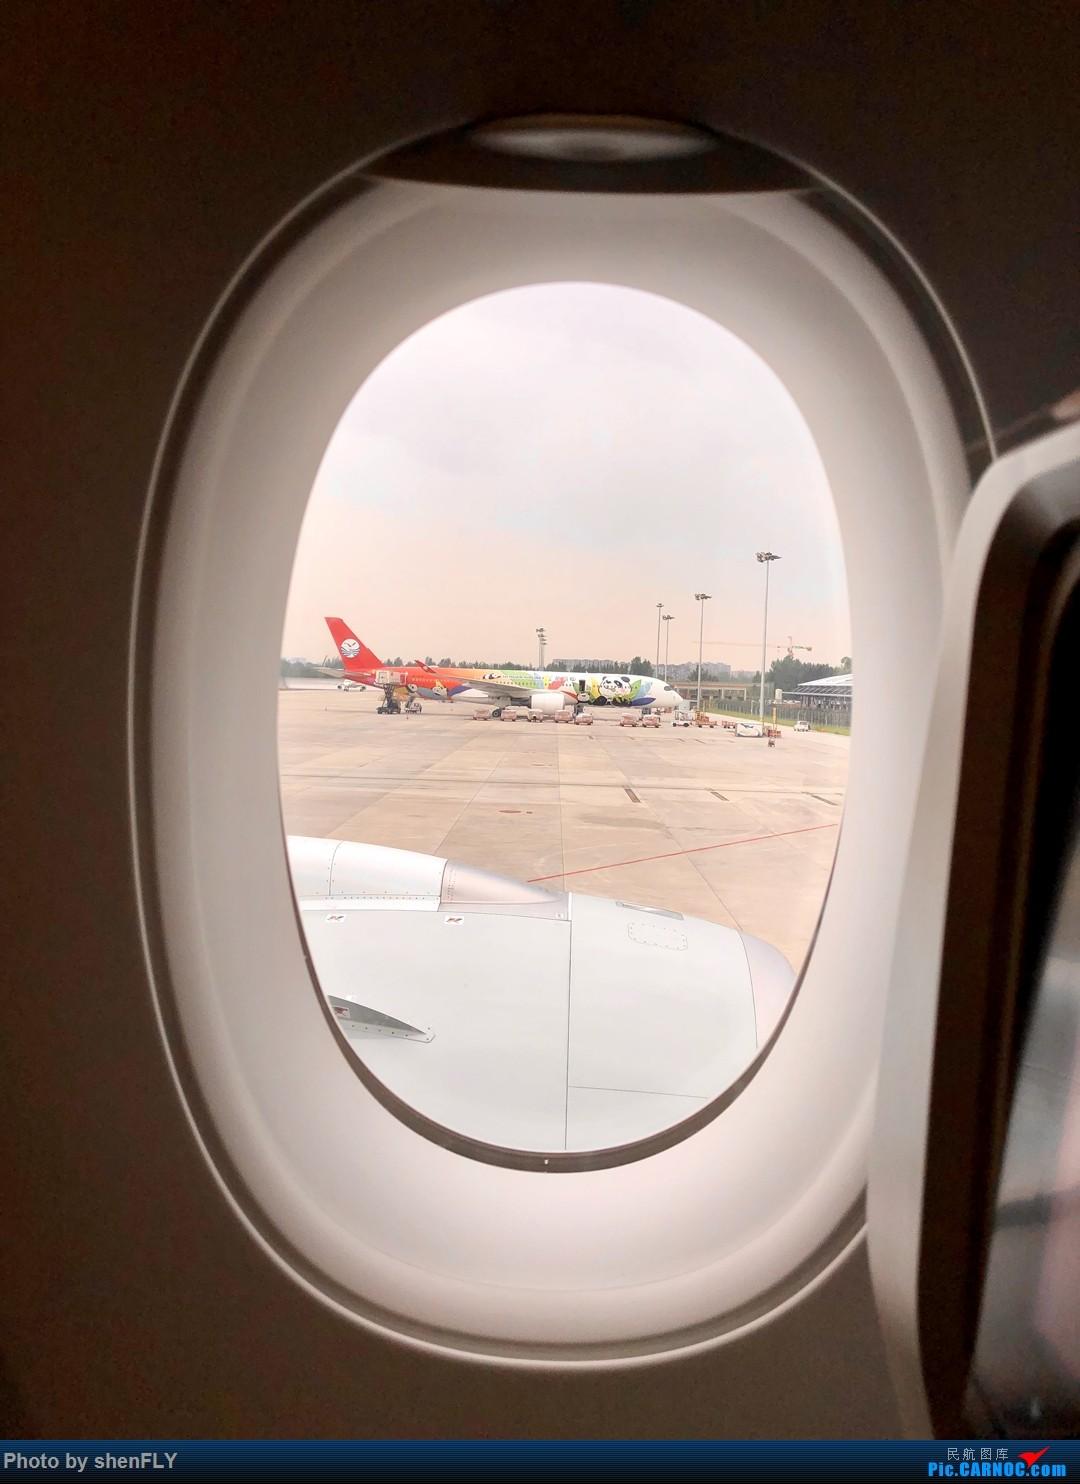 Re:[原创]【川航第二架熊猫A359飞行游记】跟着熊猫飞天游,品鉴川航优质餐 AIRBUS A350-900 B-306N 中国成都双流国际机场